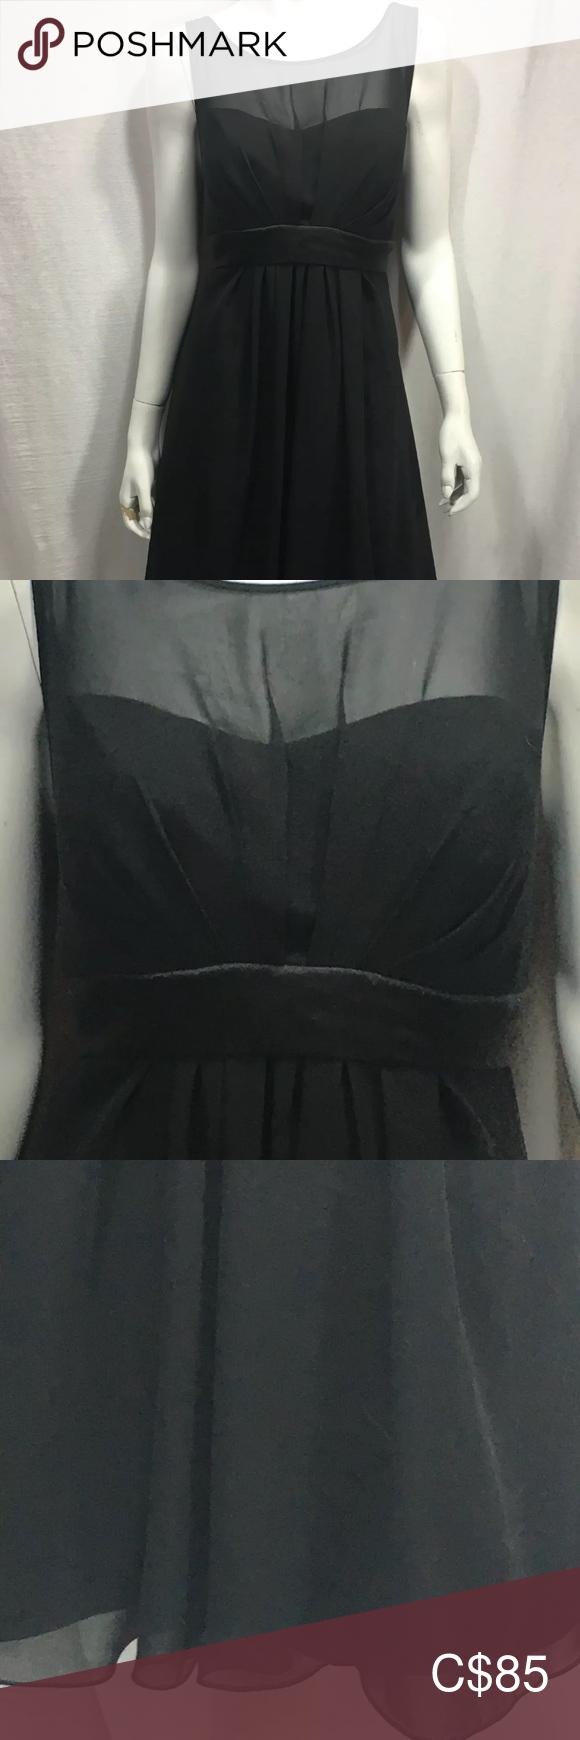 4 35 B2 Little Black Dress 14 Sheer Overlay Lbd Little Black Dress Black Dress Black Dress Size 14 [ 1740 x 580 Pixel ]